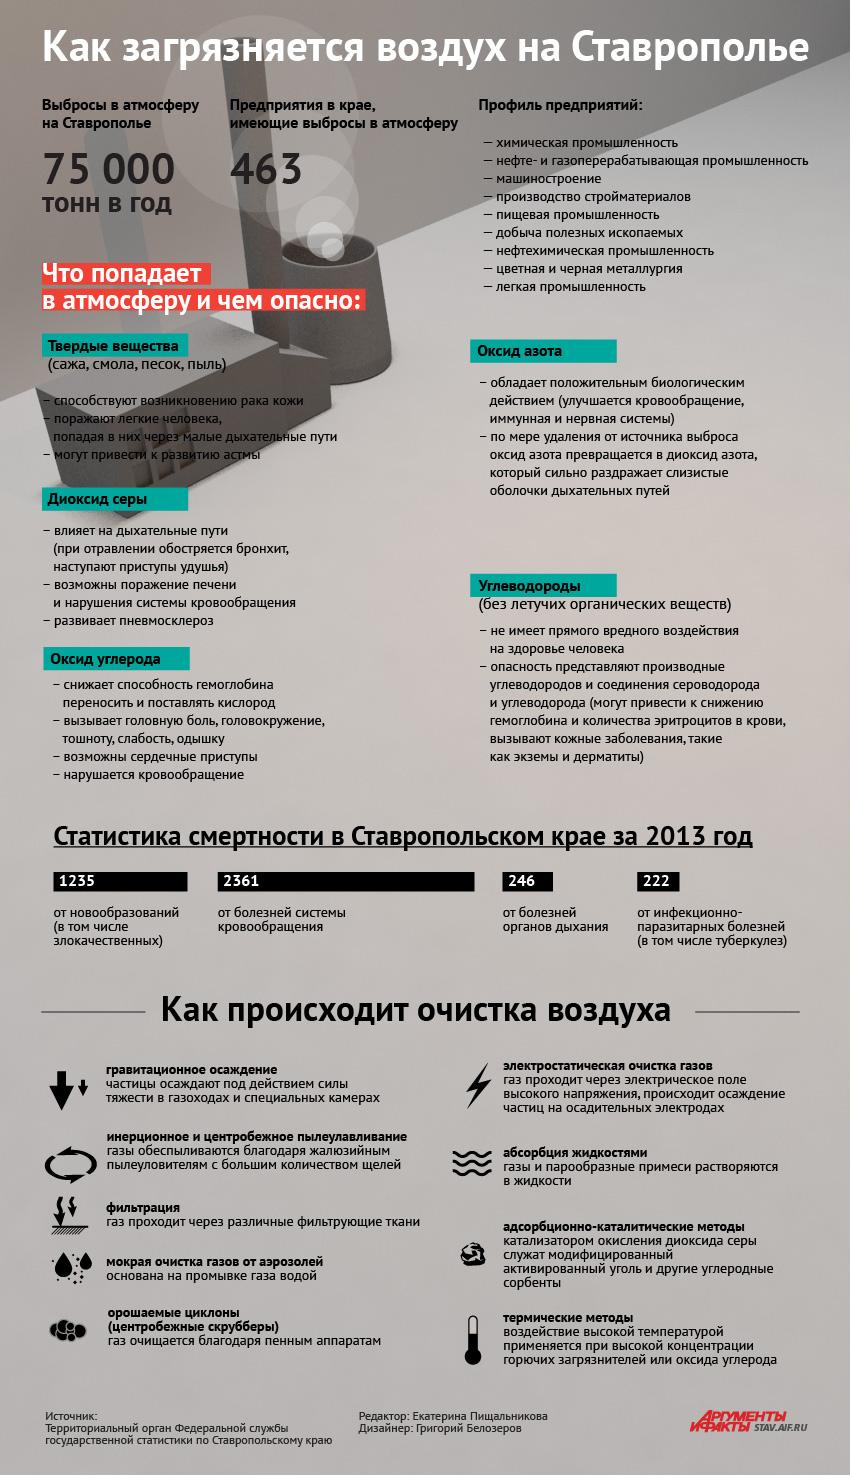 как в ставропольском крае загрязняется воздух